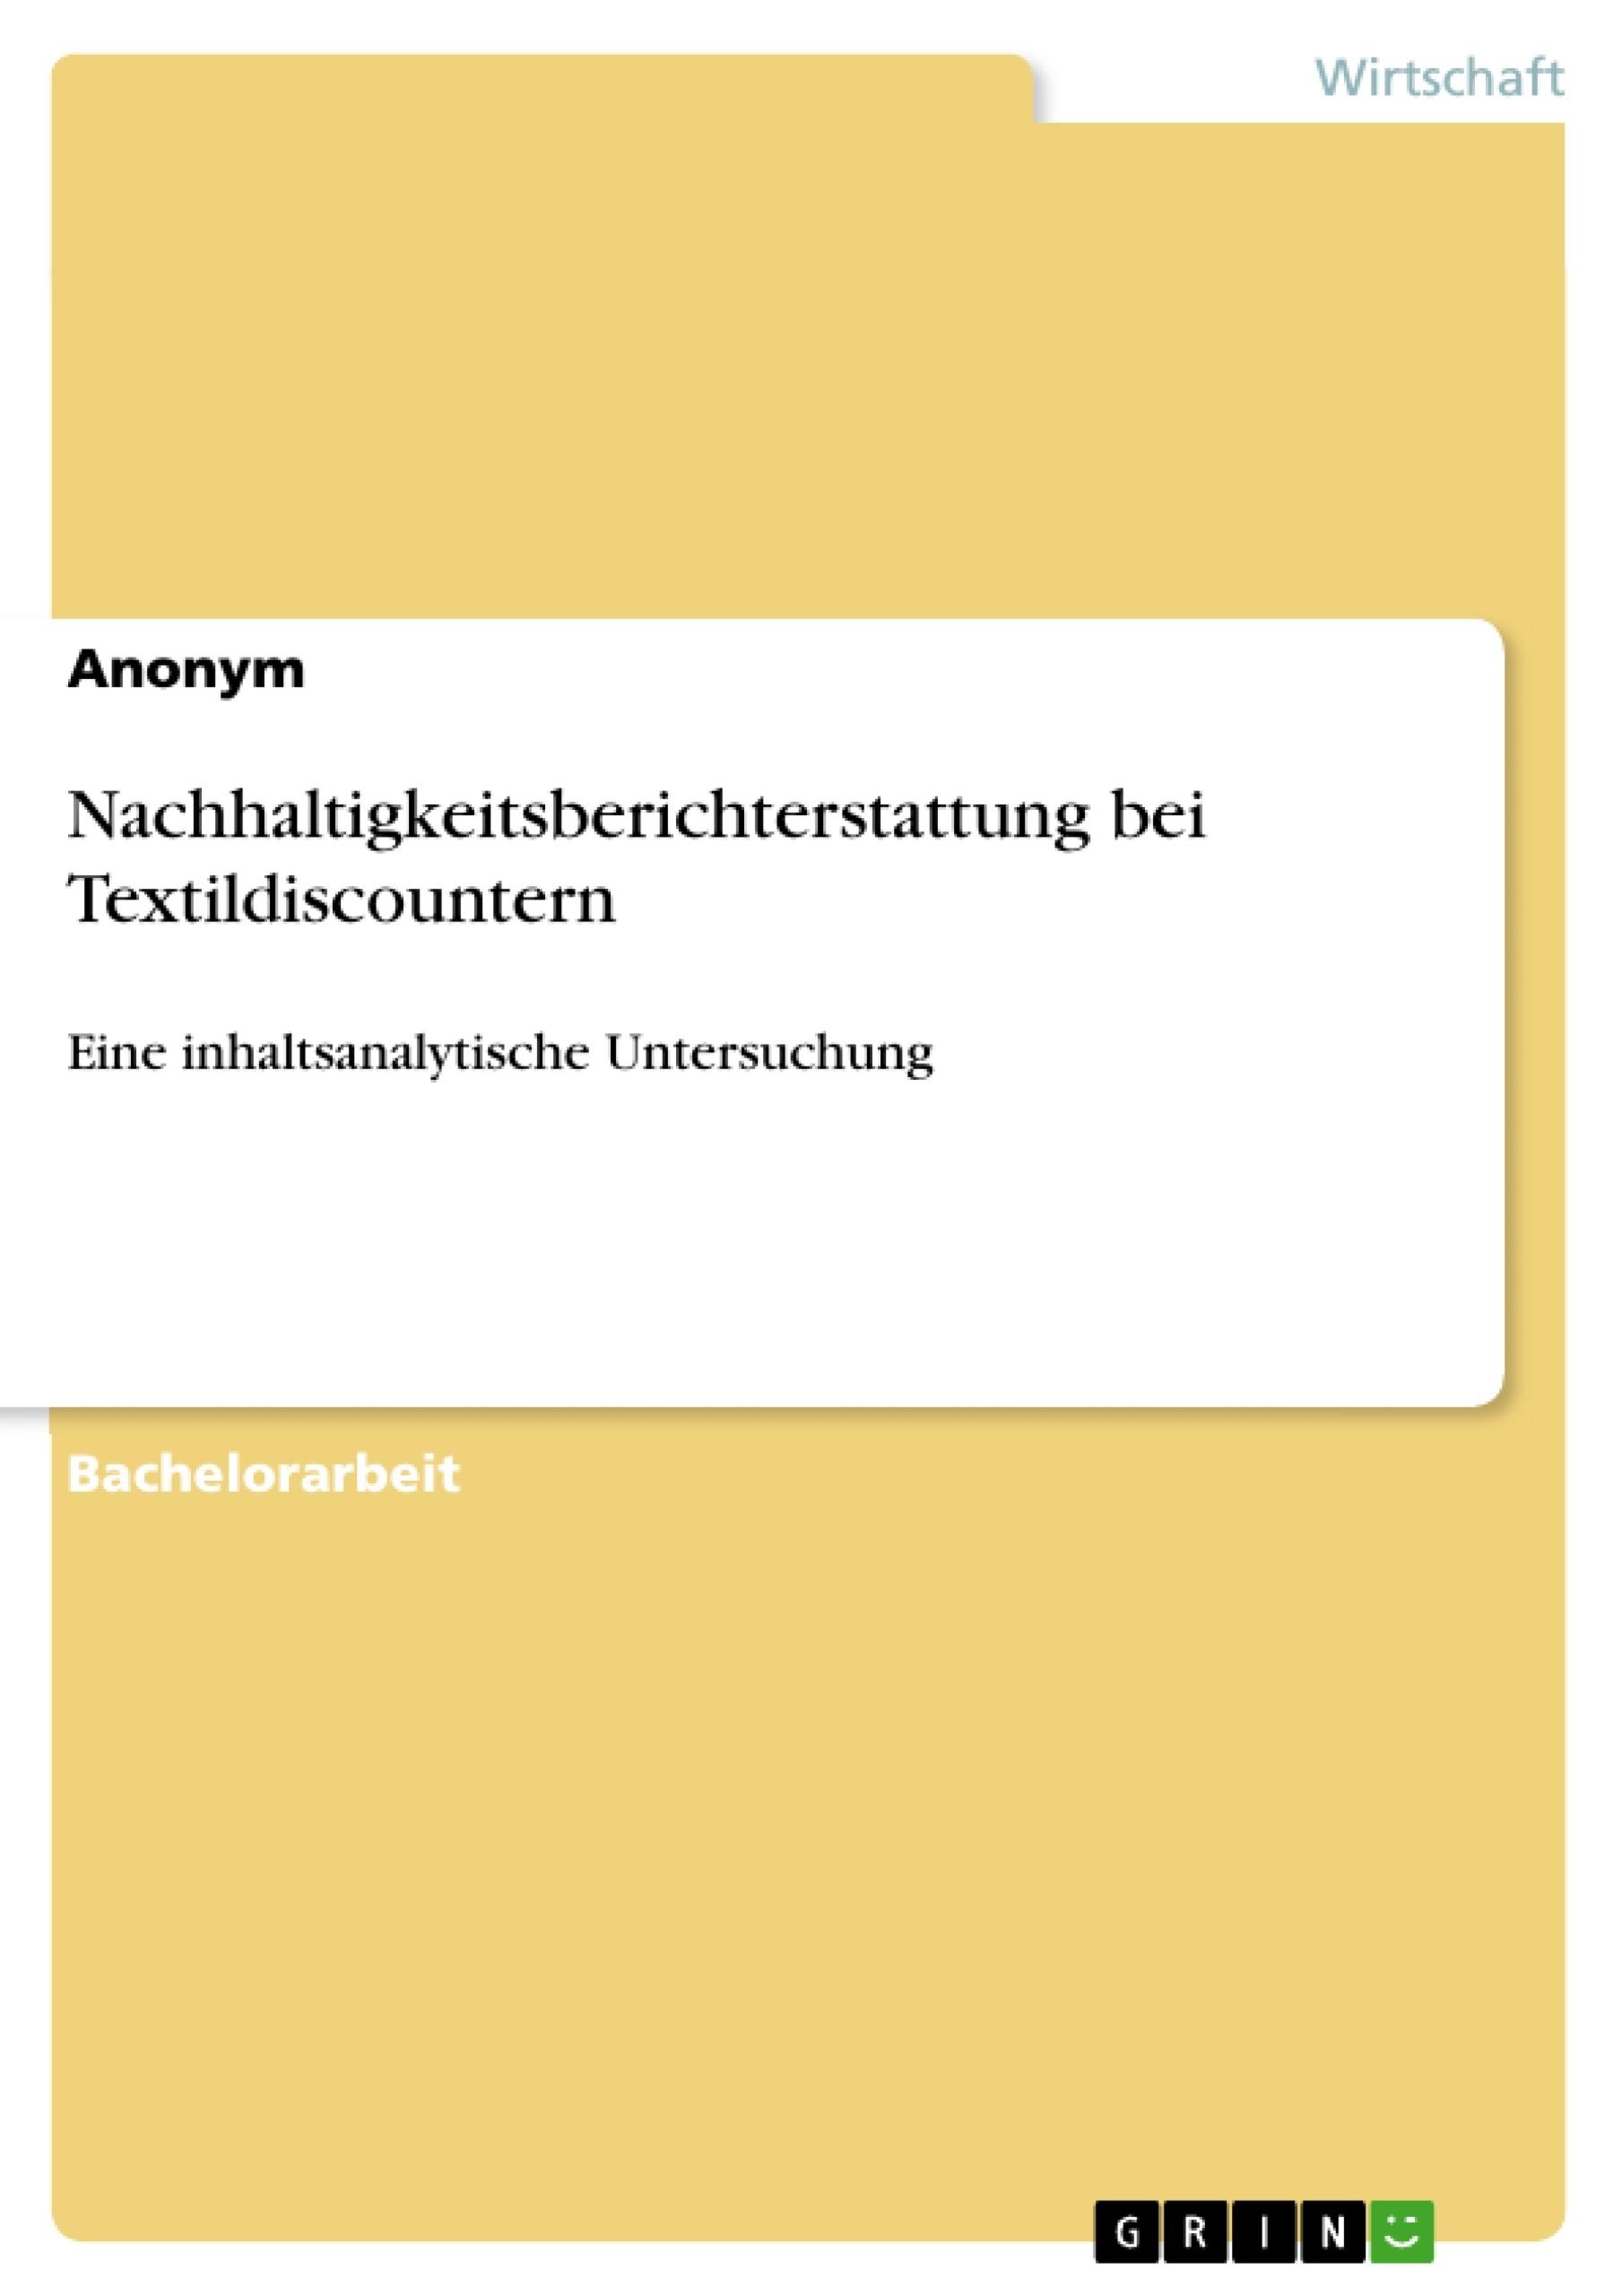 Titel: Nachhaltigkeitsberichterstattung bei Textildiscountern